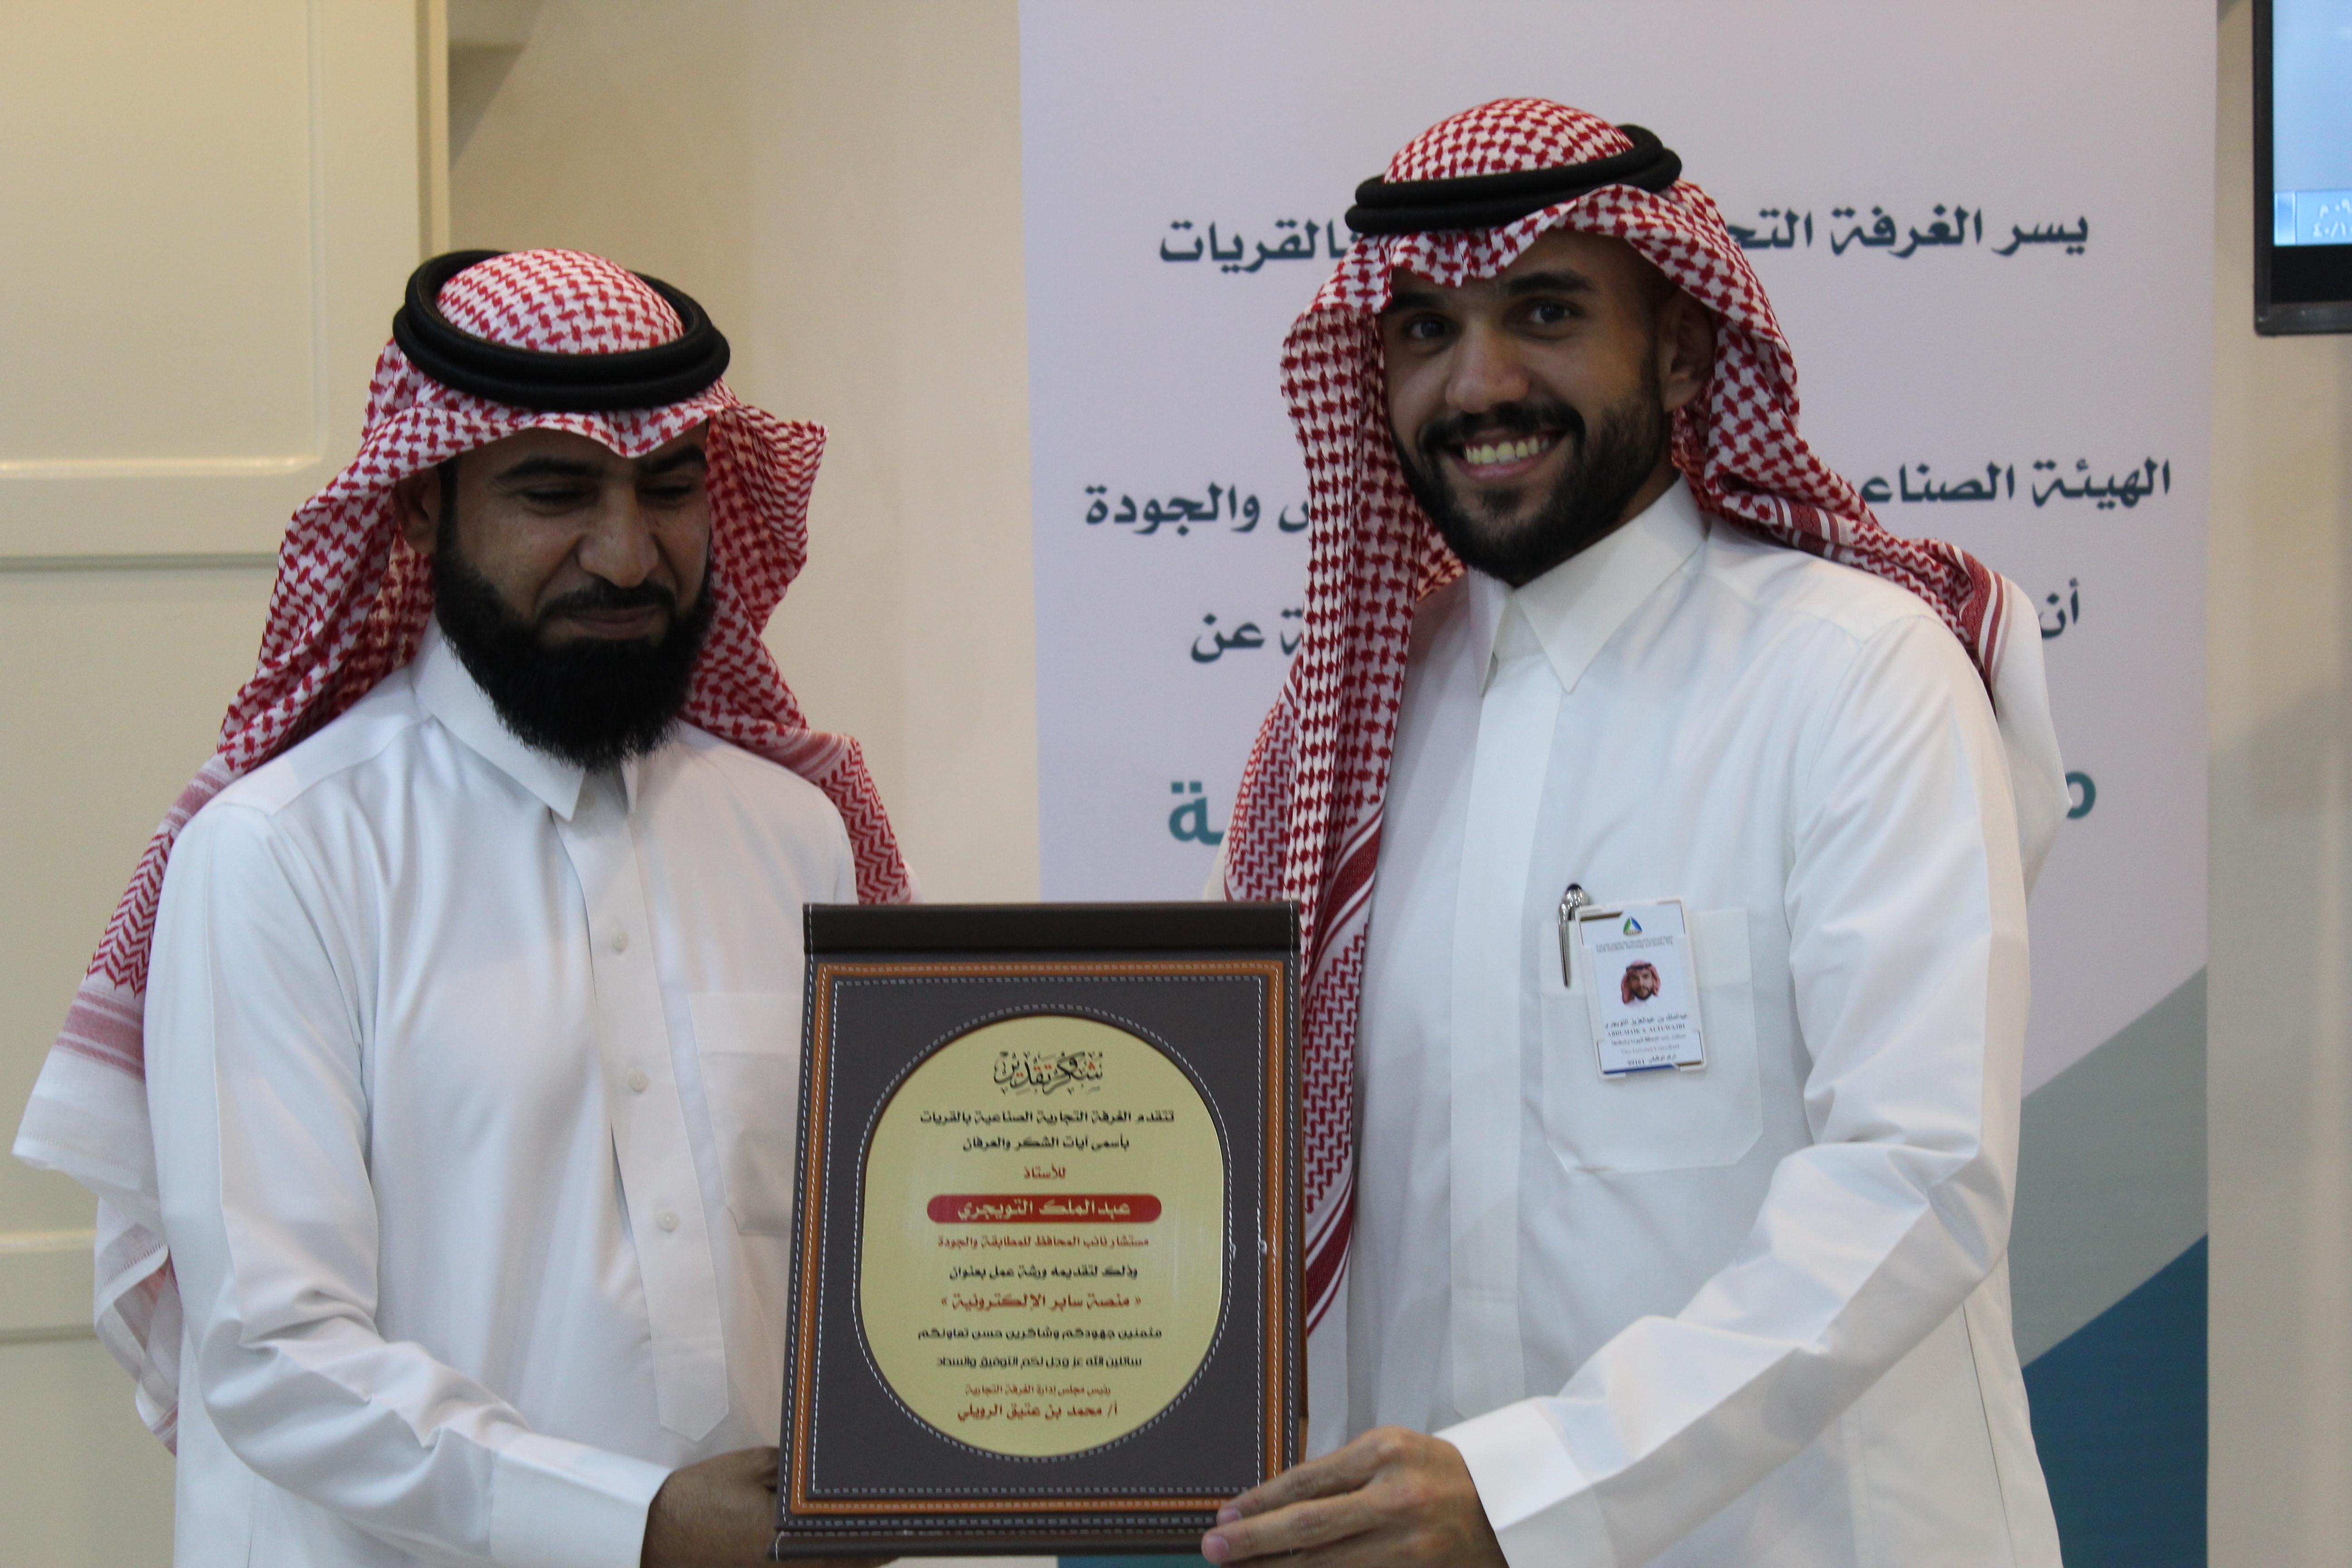 غرفة القريات تقيم ورشة تعريفية بالتعاون مع الهيئة السعودية للموصفات والمقاييس والجودة